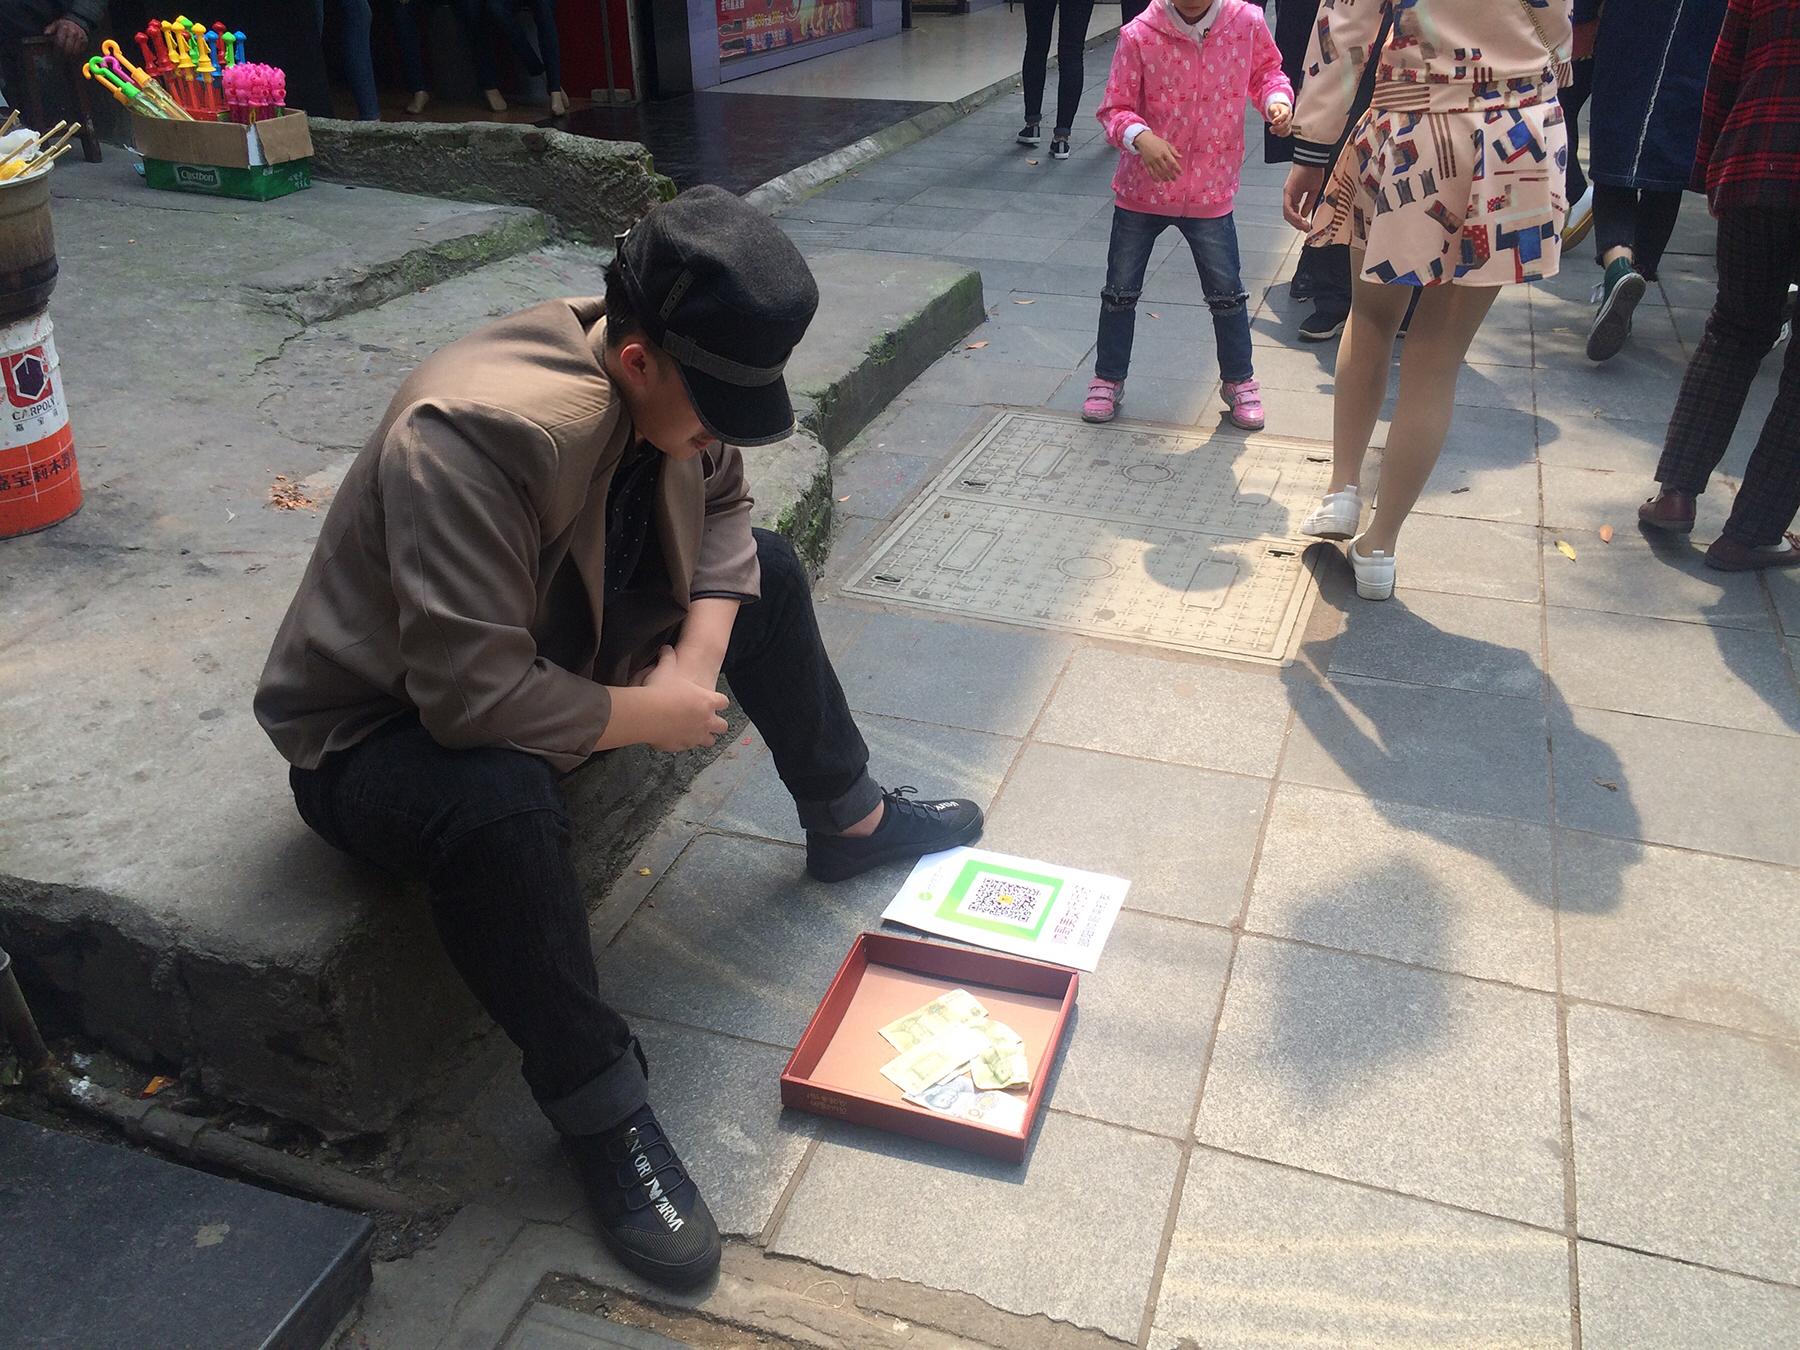 邵阳市第四中学出现一名年轻乞讨者要求微信支付图片